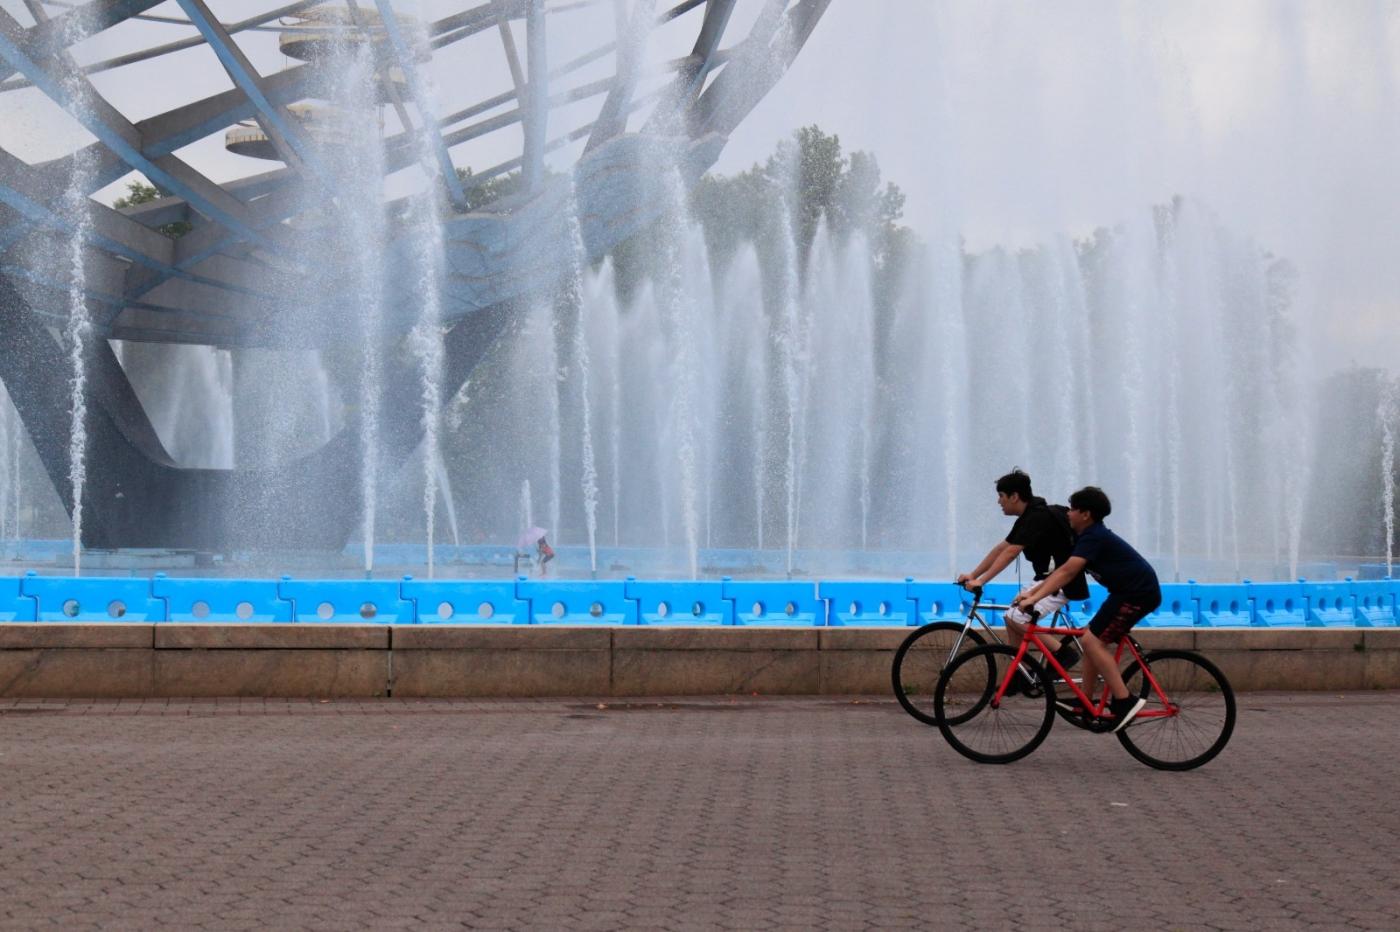 炎夏的可乐娜公园地球仪喷水池,是法拉盛周边居民休闲,娱乐的好地方 ..._图1-13